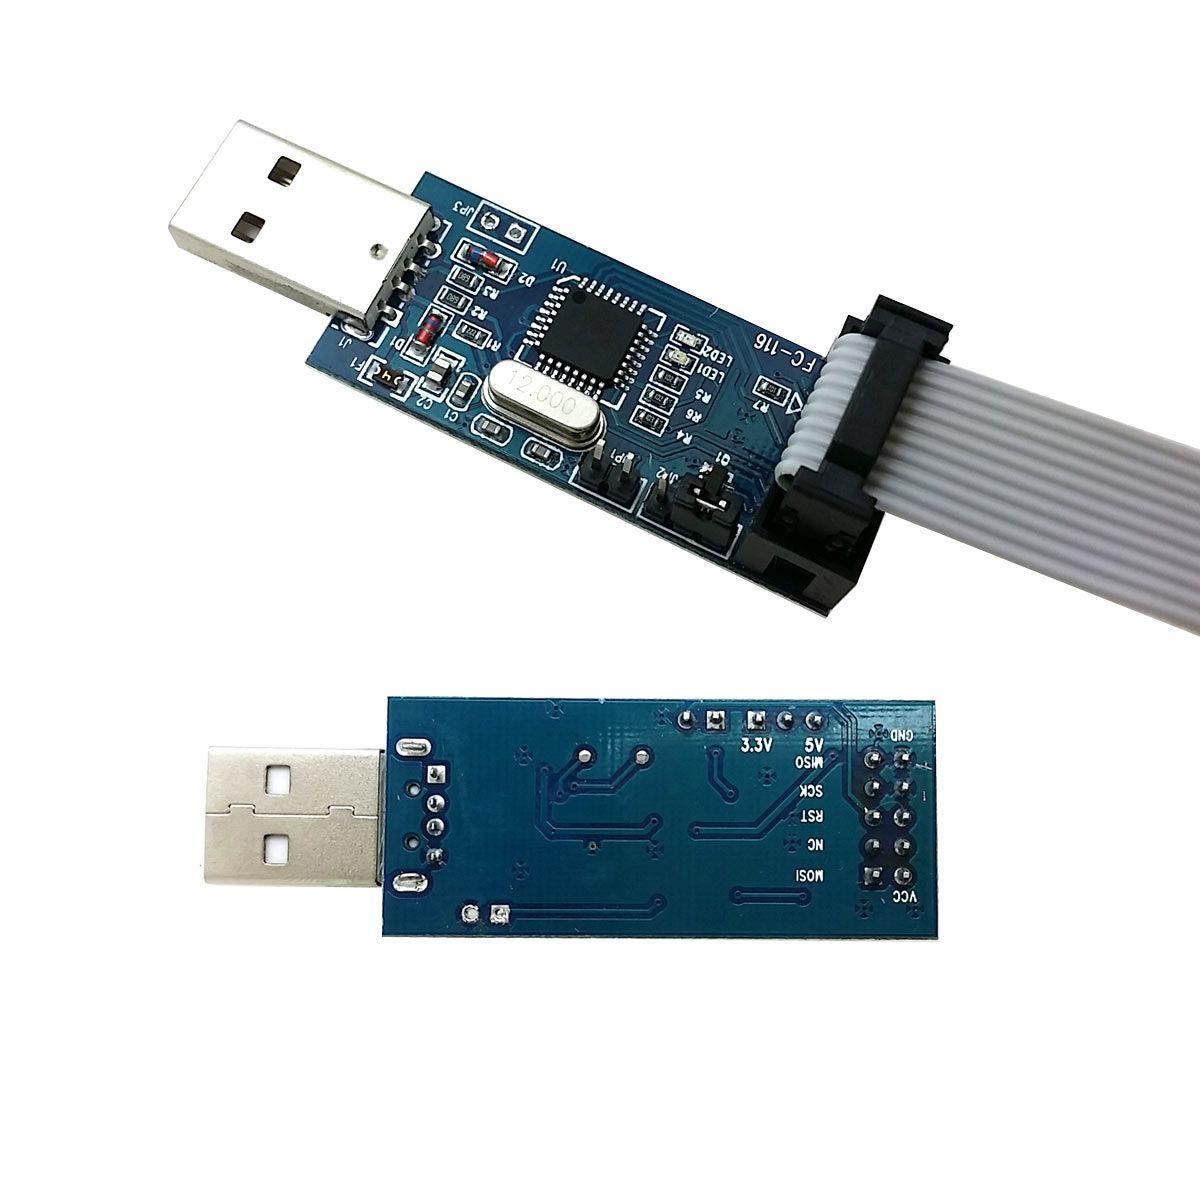 USBASP AVR Programmer